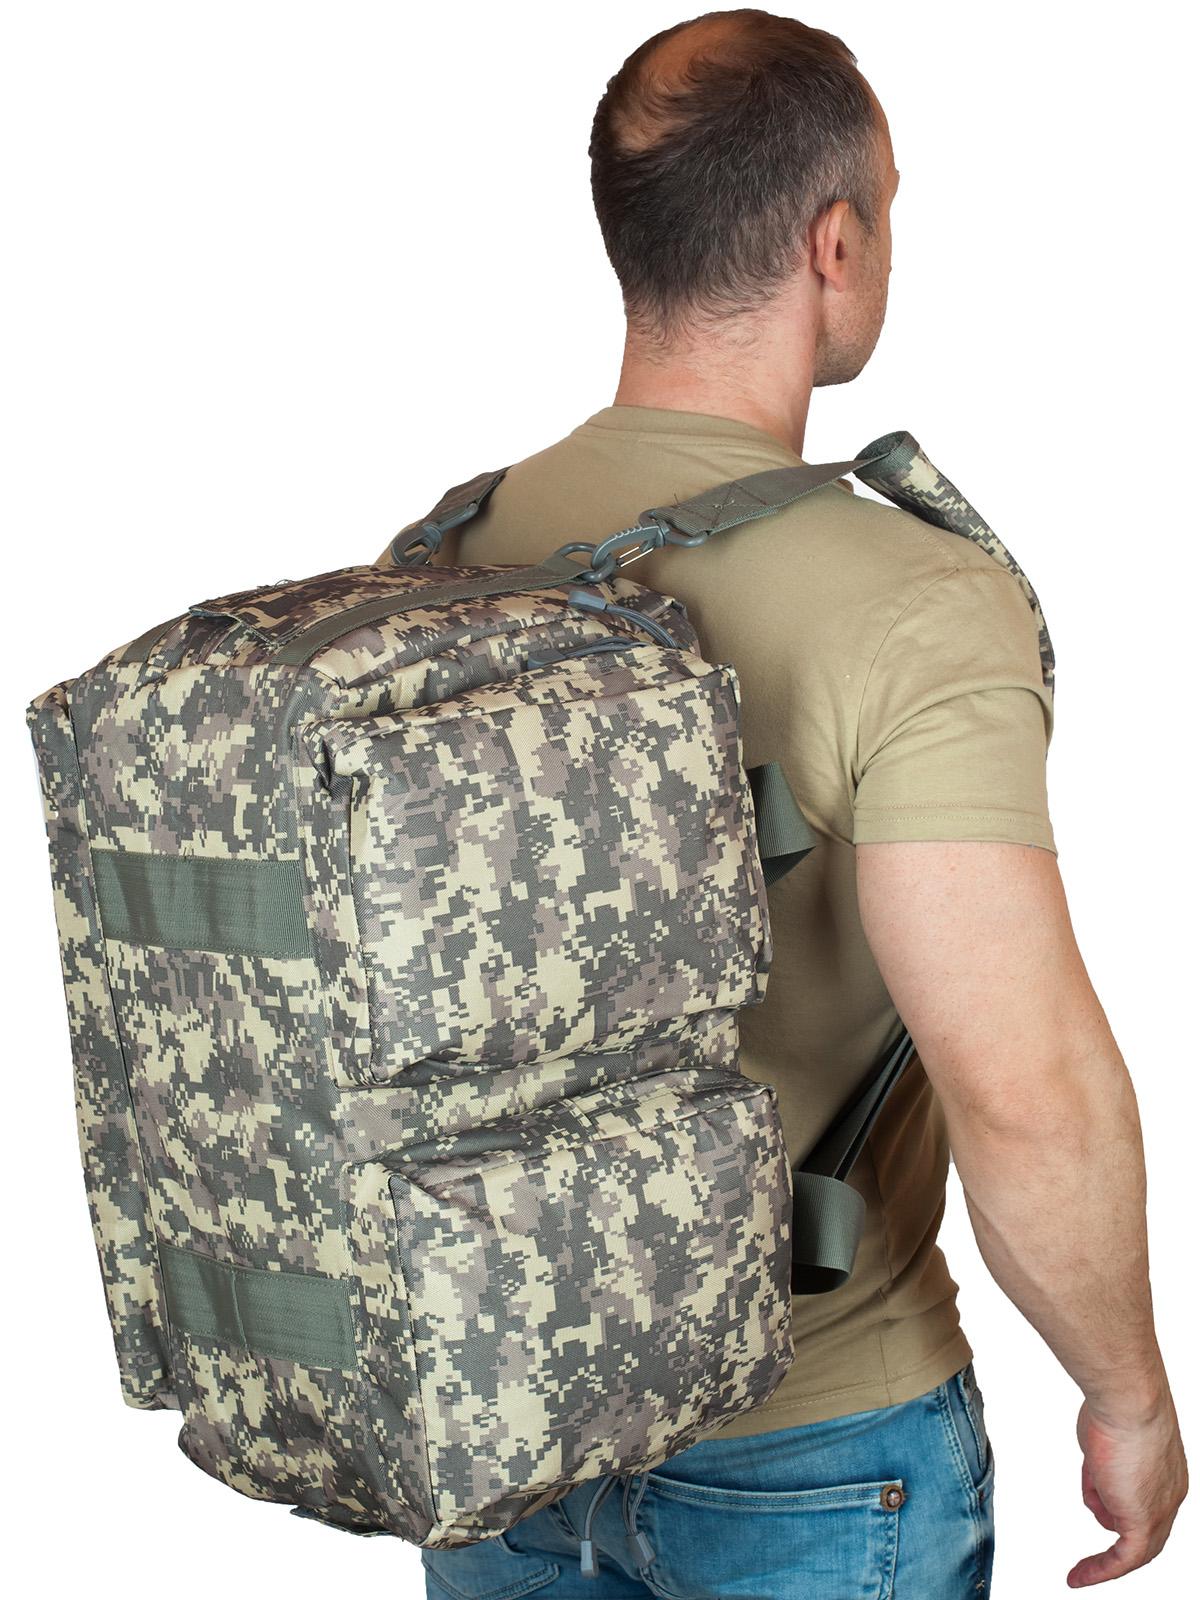 Купить камуфляжную походную сумку Русская Охота оптом и в розницу